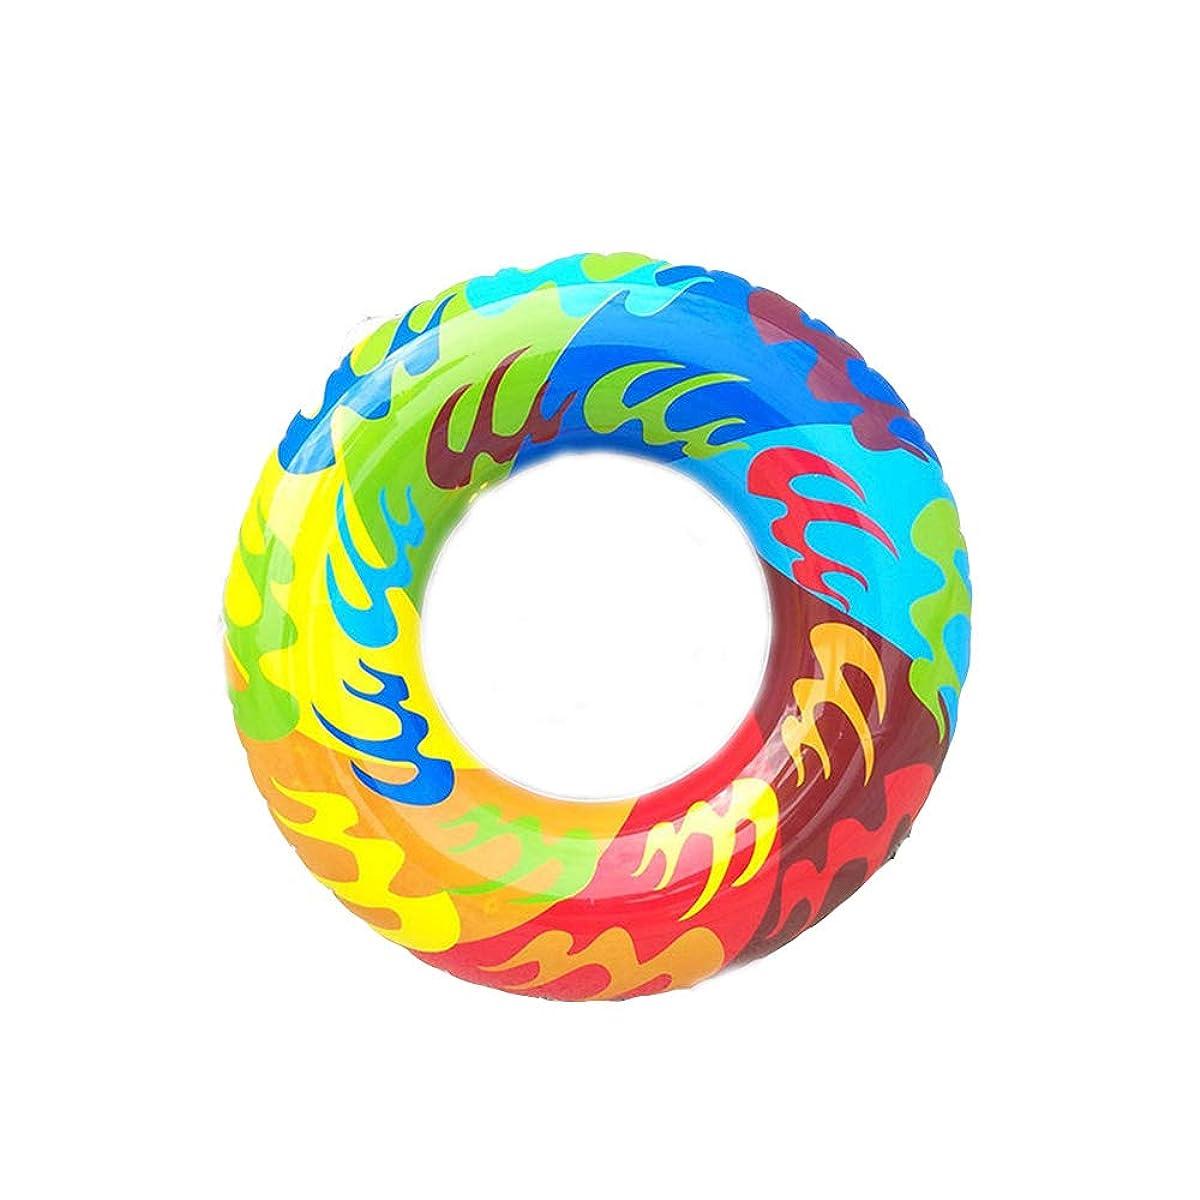 ごみ歪める残忍な一気に pvc事 水泳界 プール 浮動 シート 成人 児童 女の子 男の子は 砂浜 おもちゃ プール設備?備品